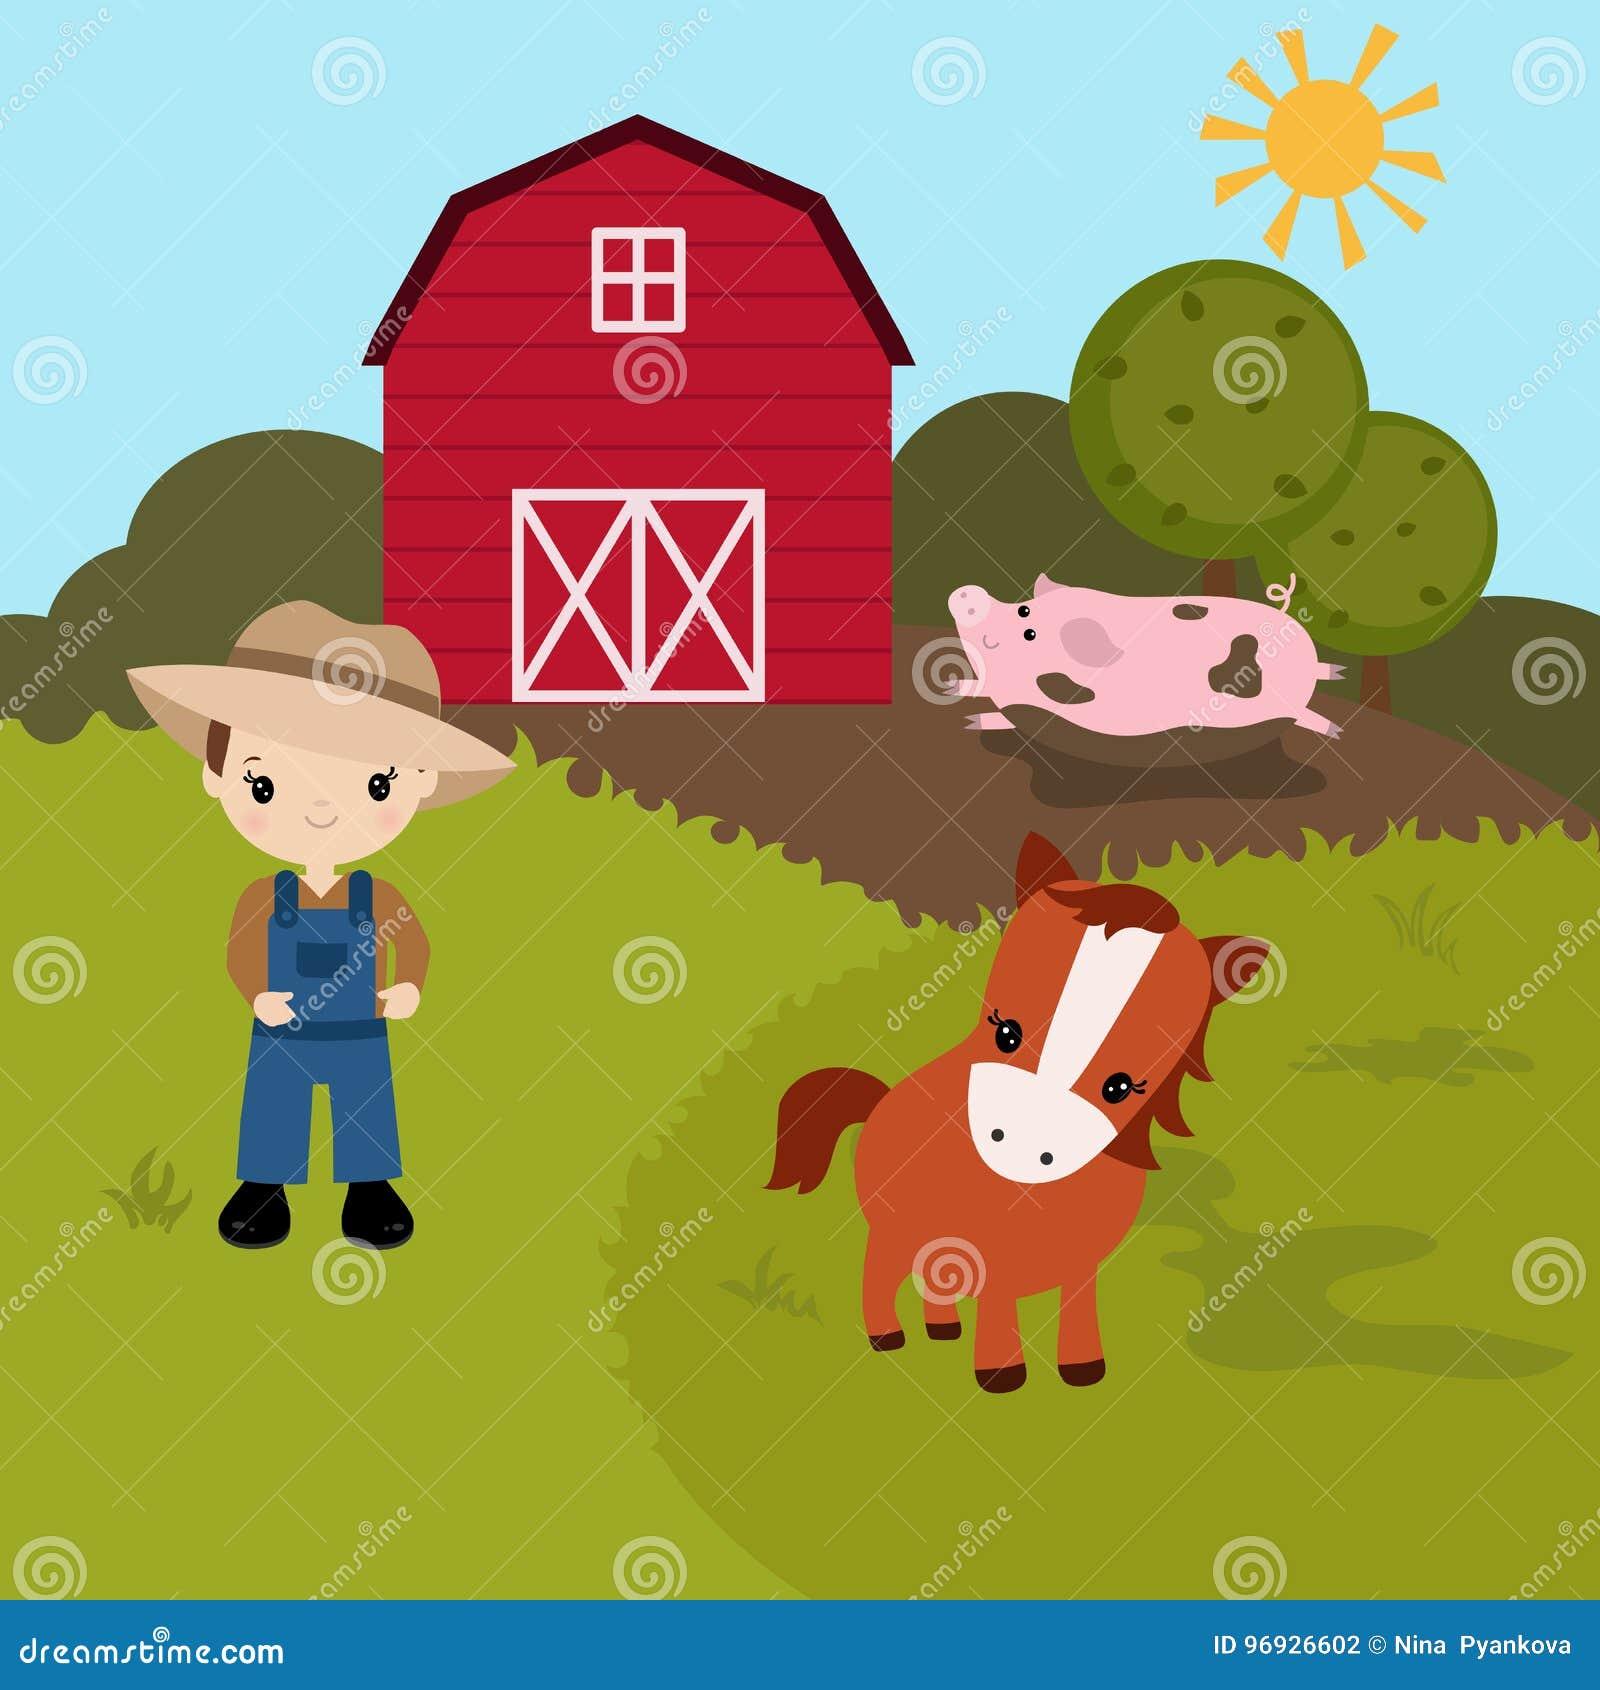 cartoon farm landscape stock vector illustration of illustration